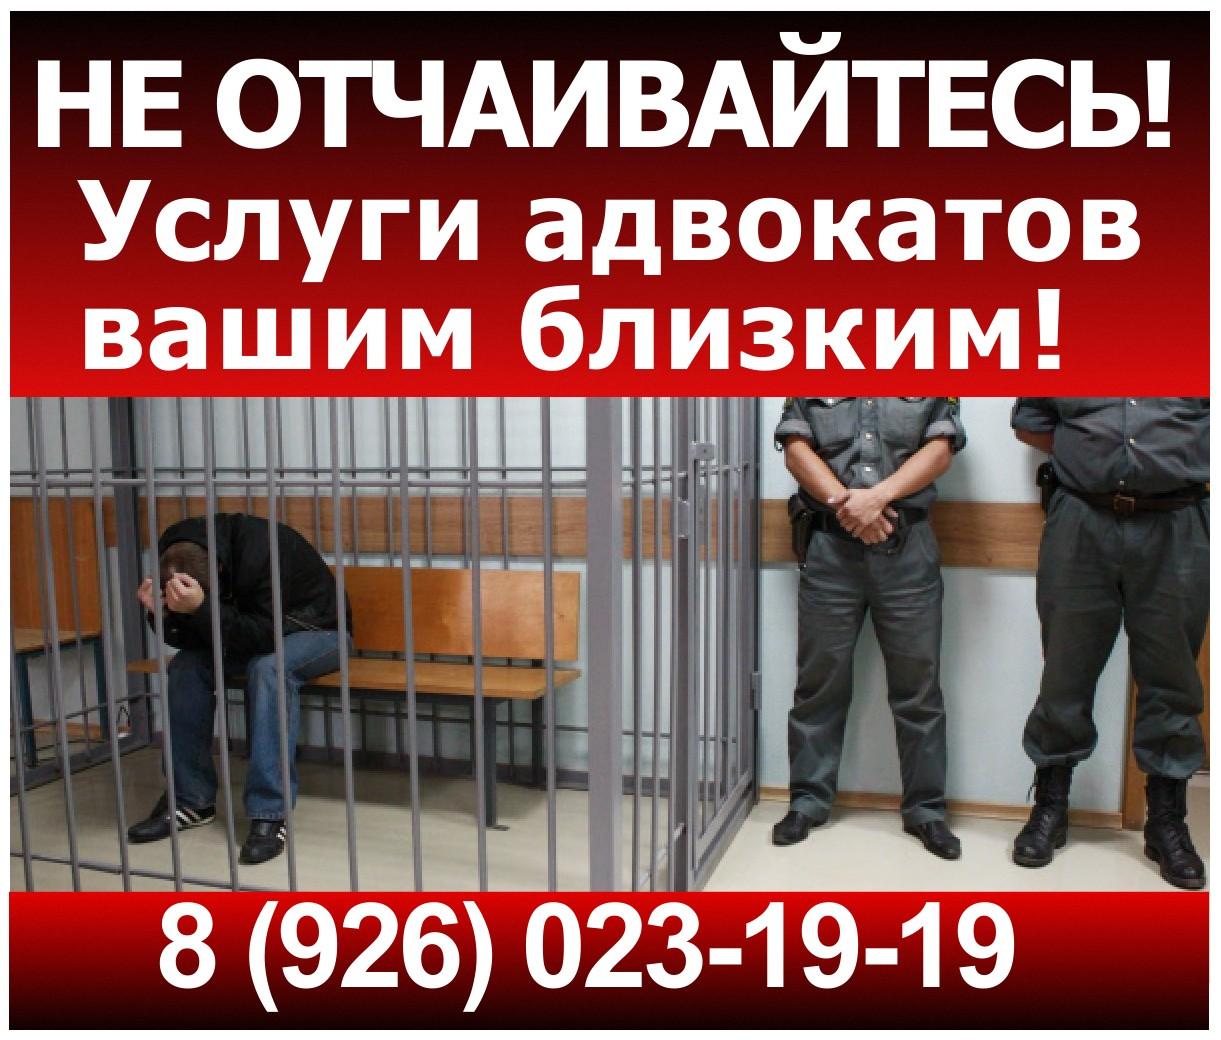 Адвокат Красногорск срочно.